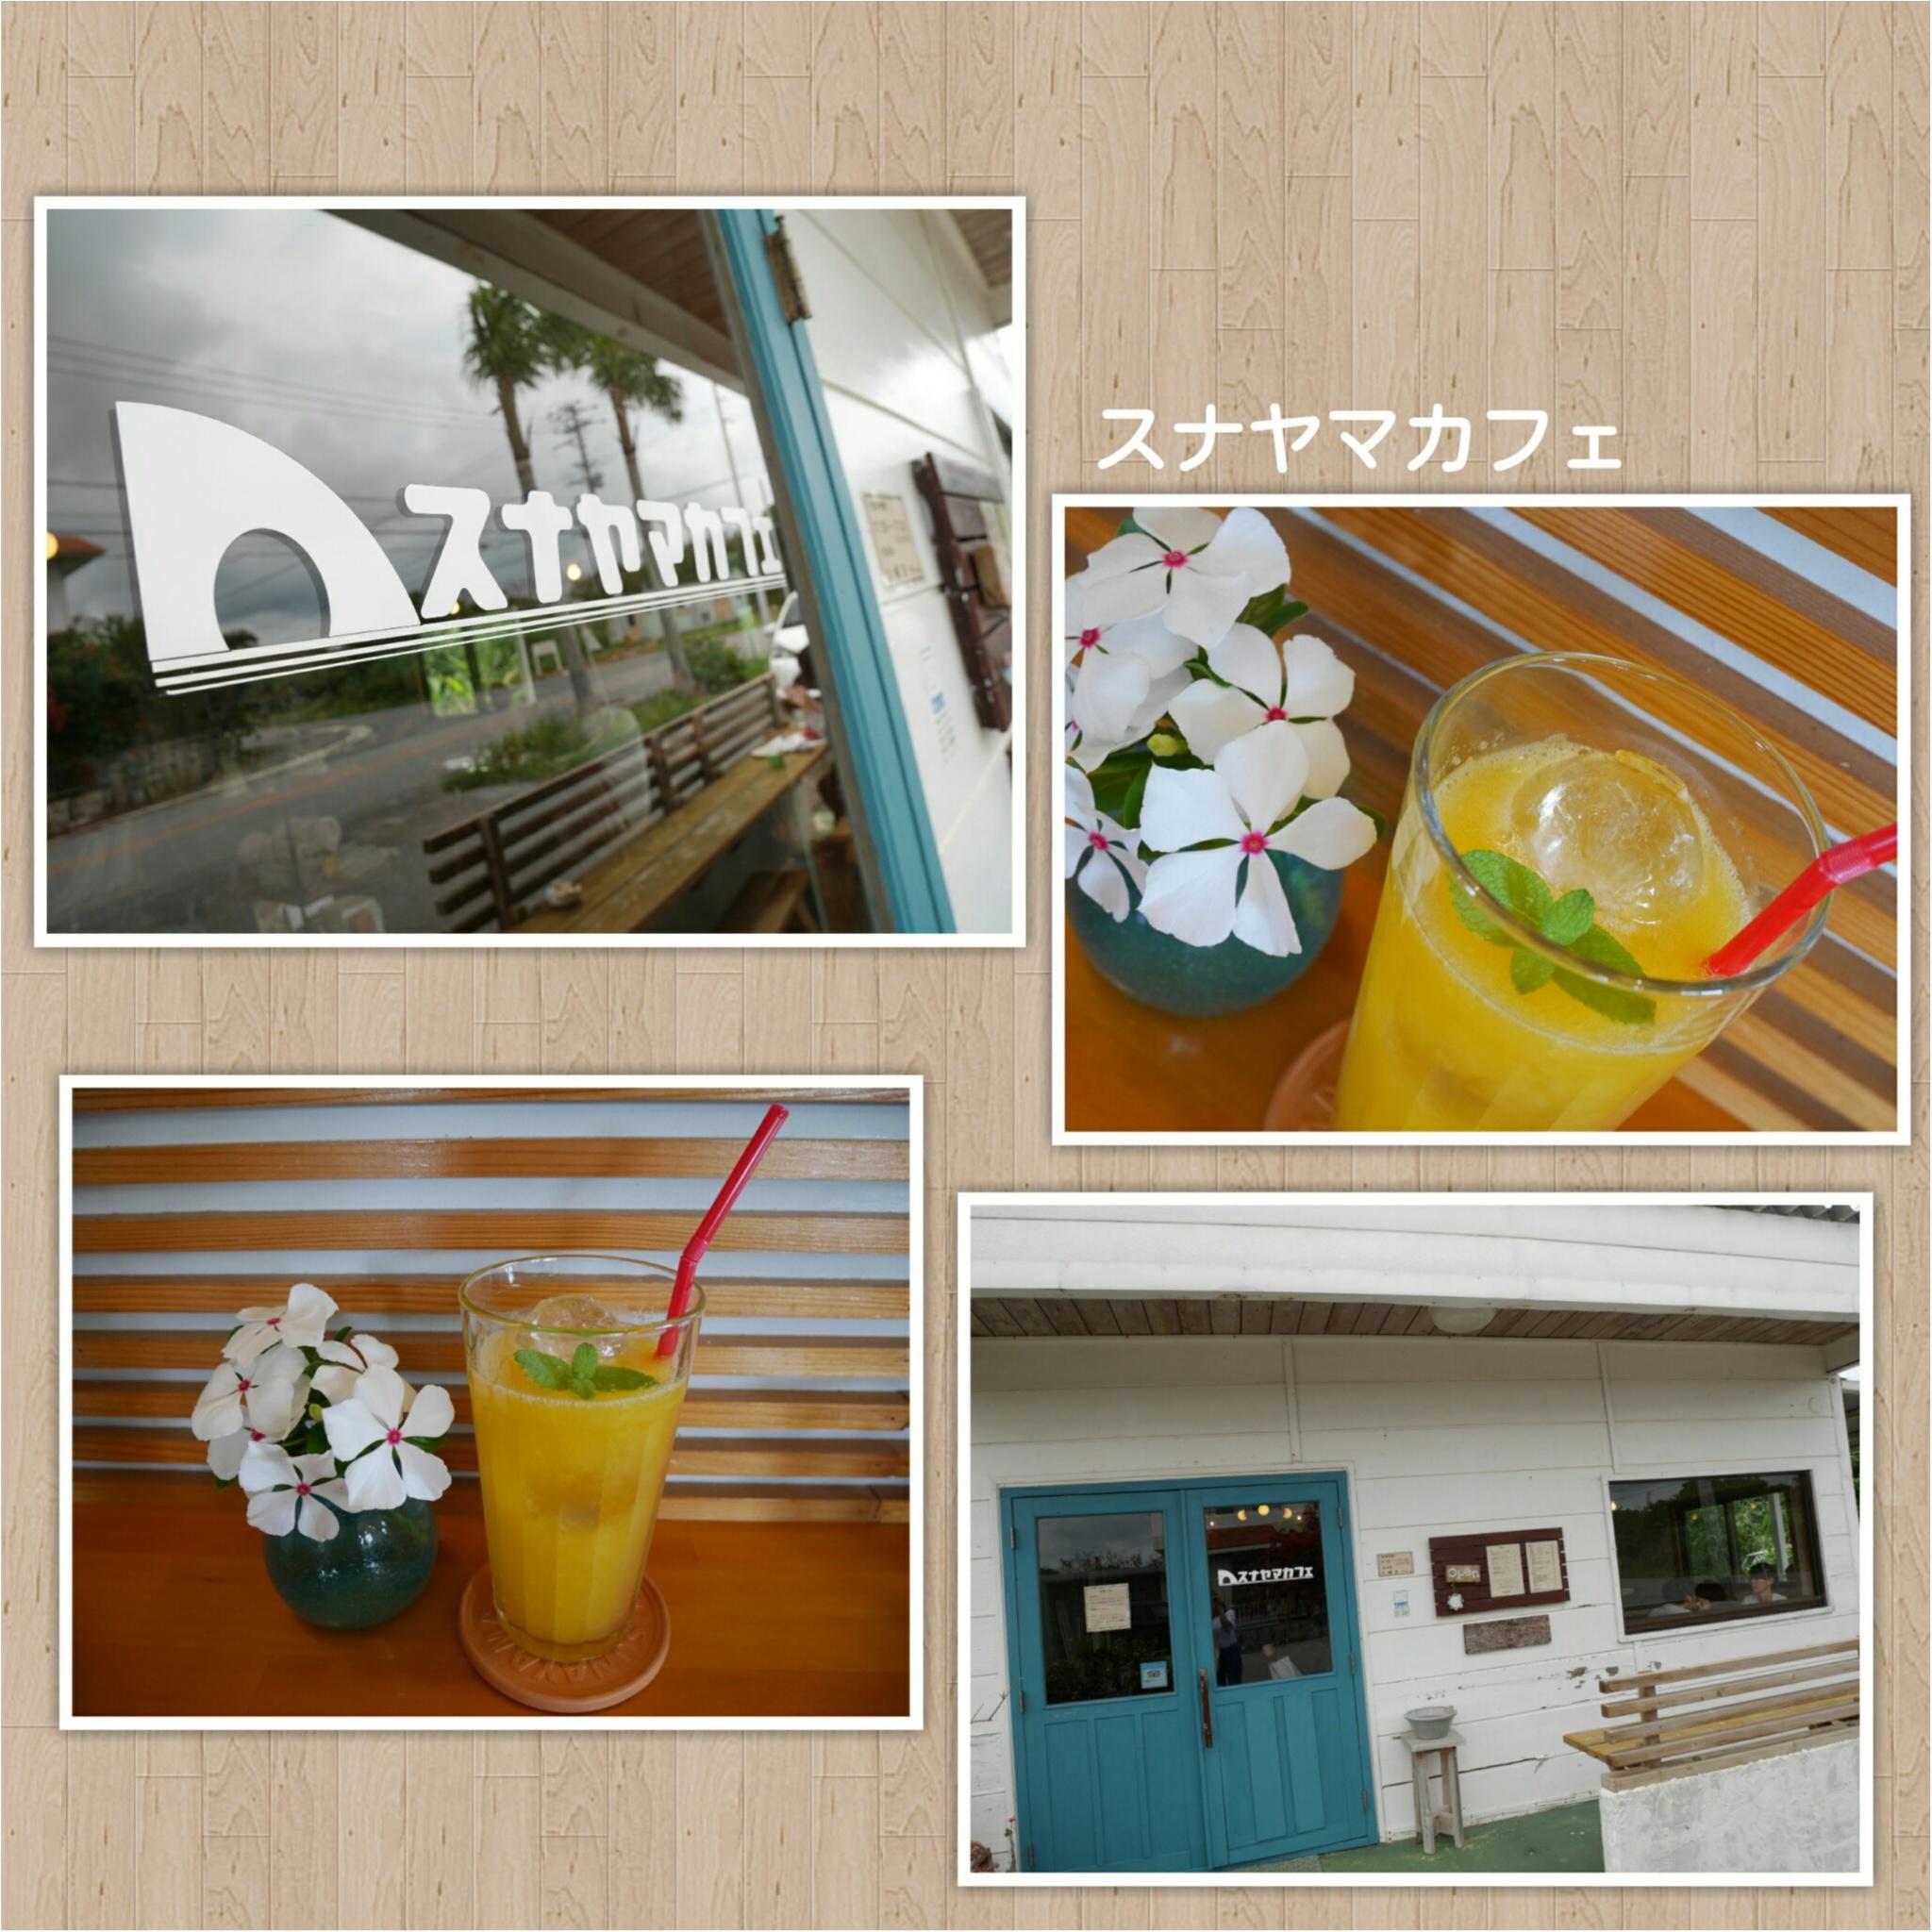 【宮古島】沖縄の離島が好きな人へ、1泊2日の弾丸旅のすすめ。_10